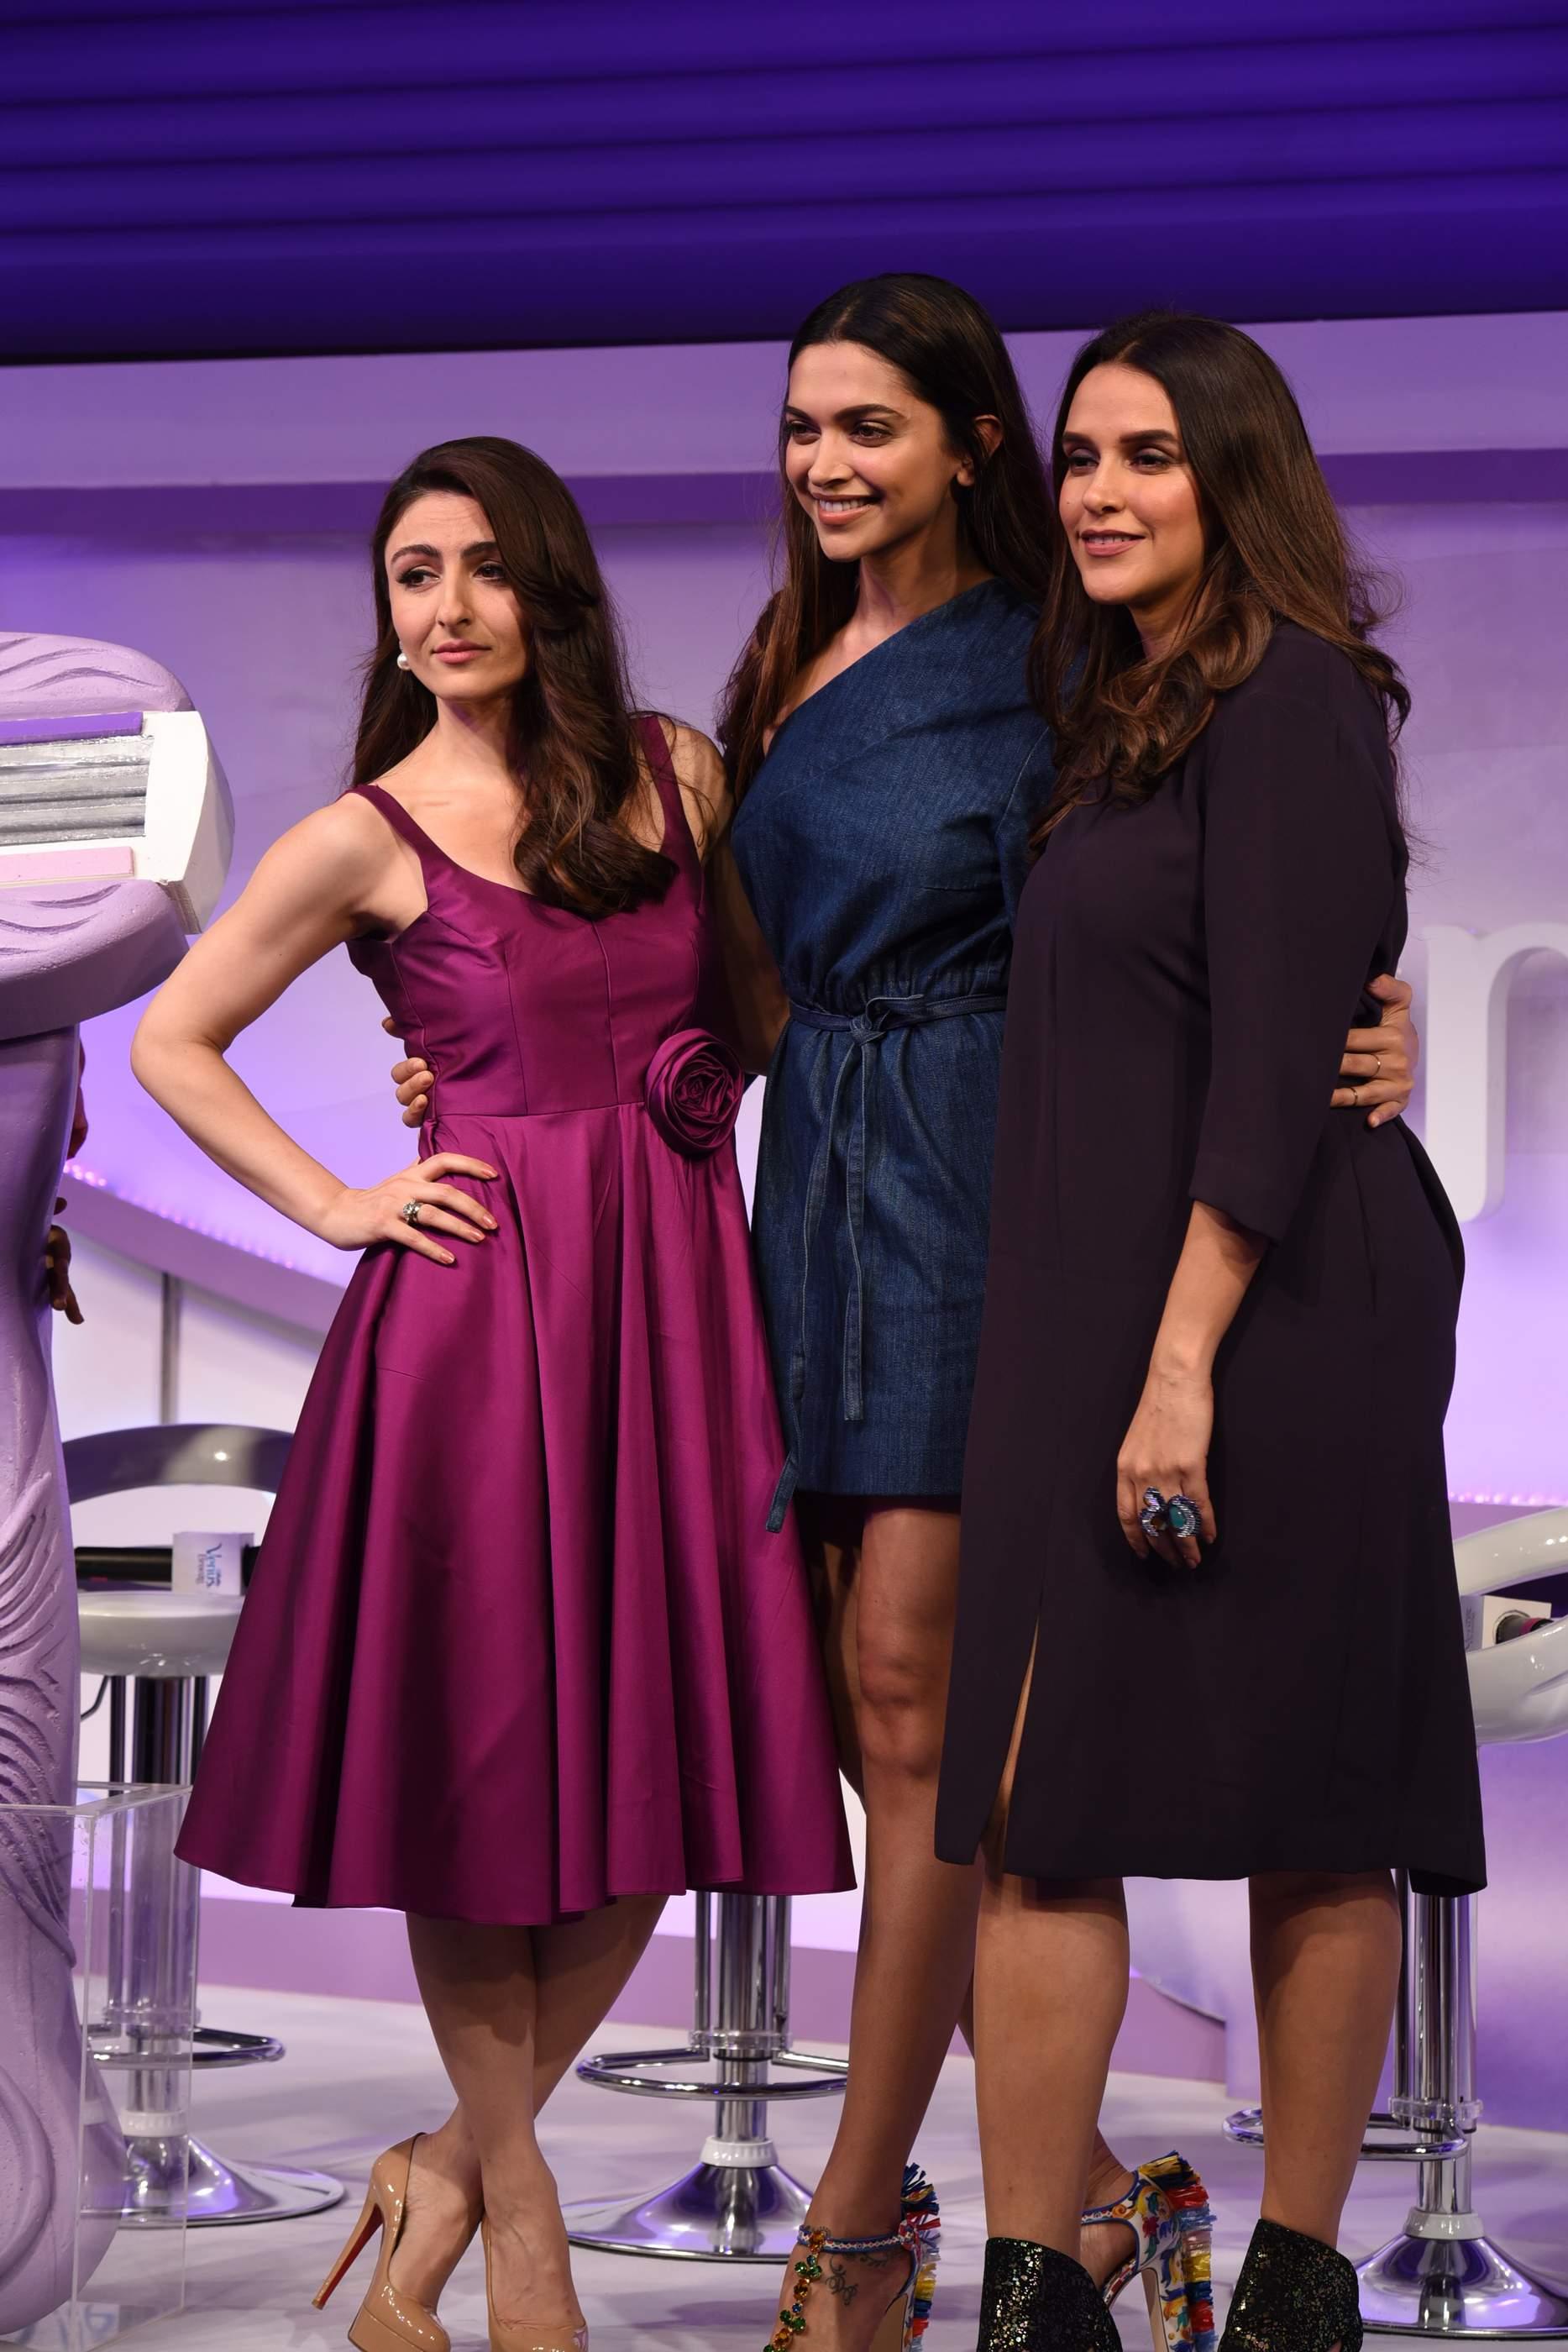 Beautiful Deepika Padukone, Soha Ali Khan & Neha Dhupia Beautiful Deepika Padukone, Soha Ali Khan & Neha Dhupia Gilette 130